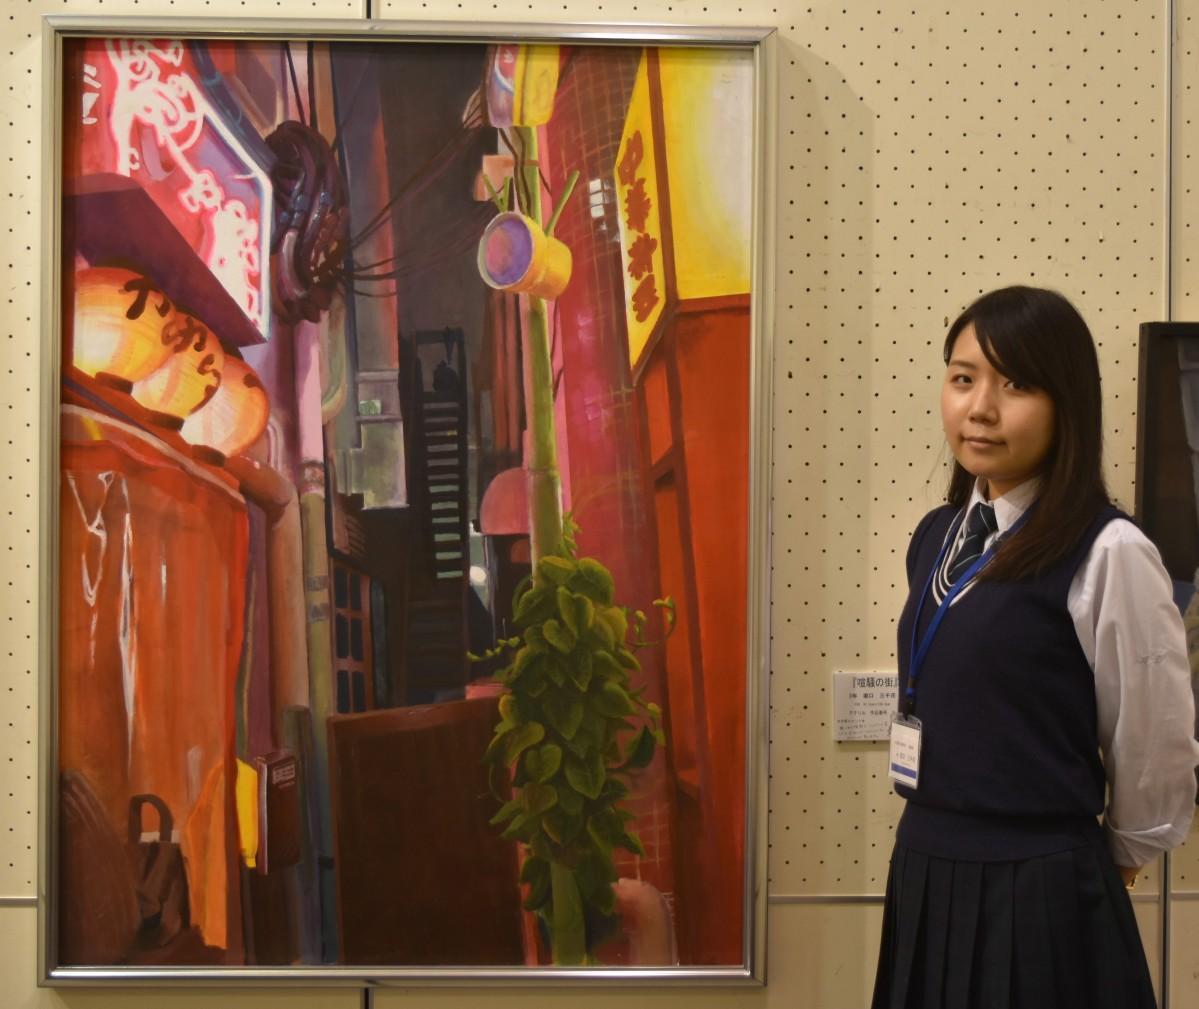 本庄第一高校美術部36代目部長、堀口三千花さんの作品「さよなら また来て 歌舞伎町」